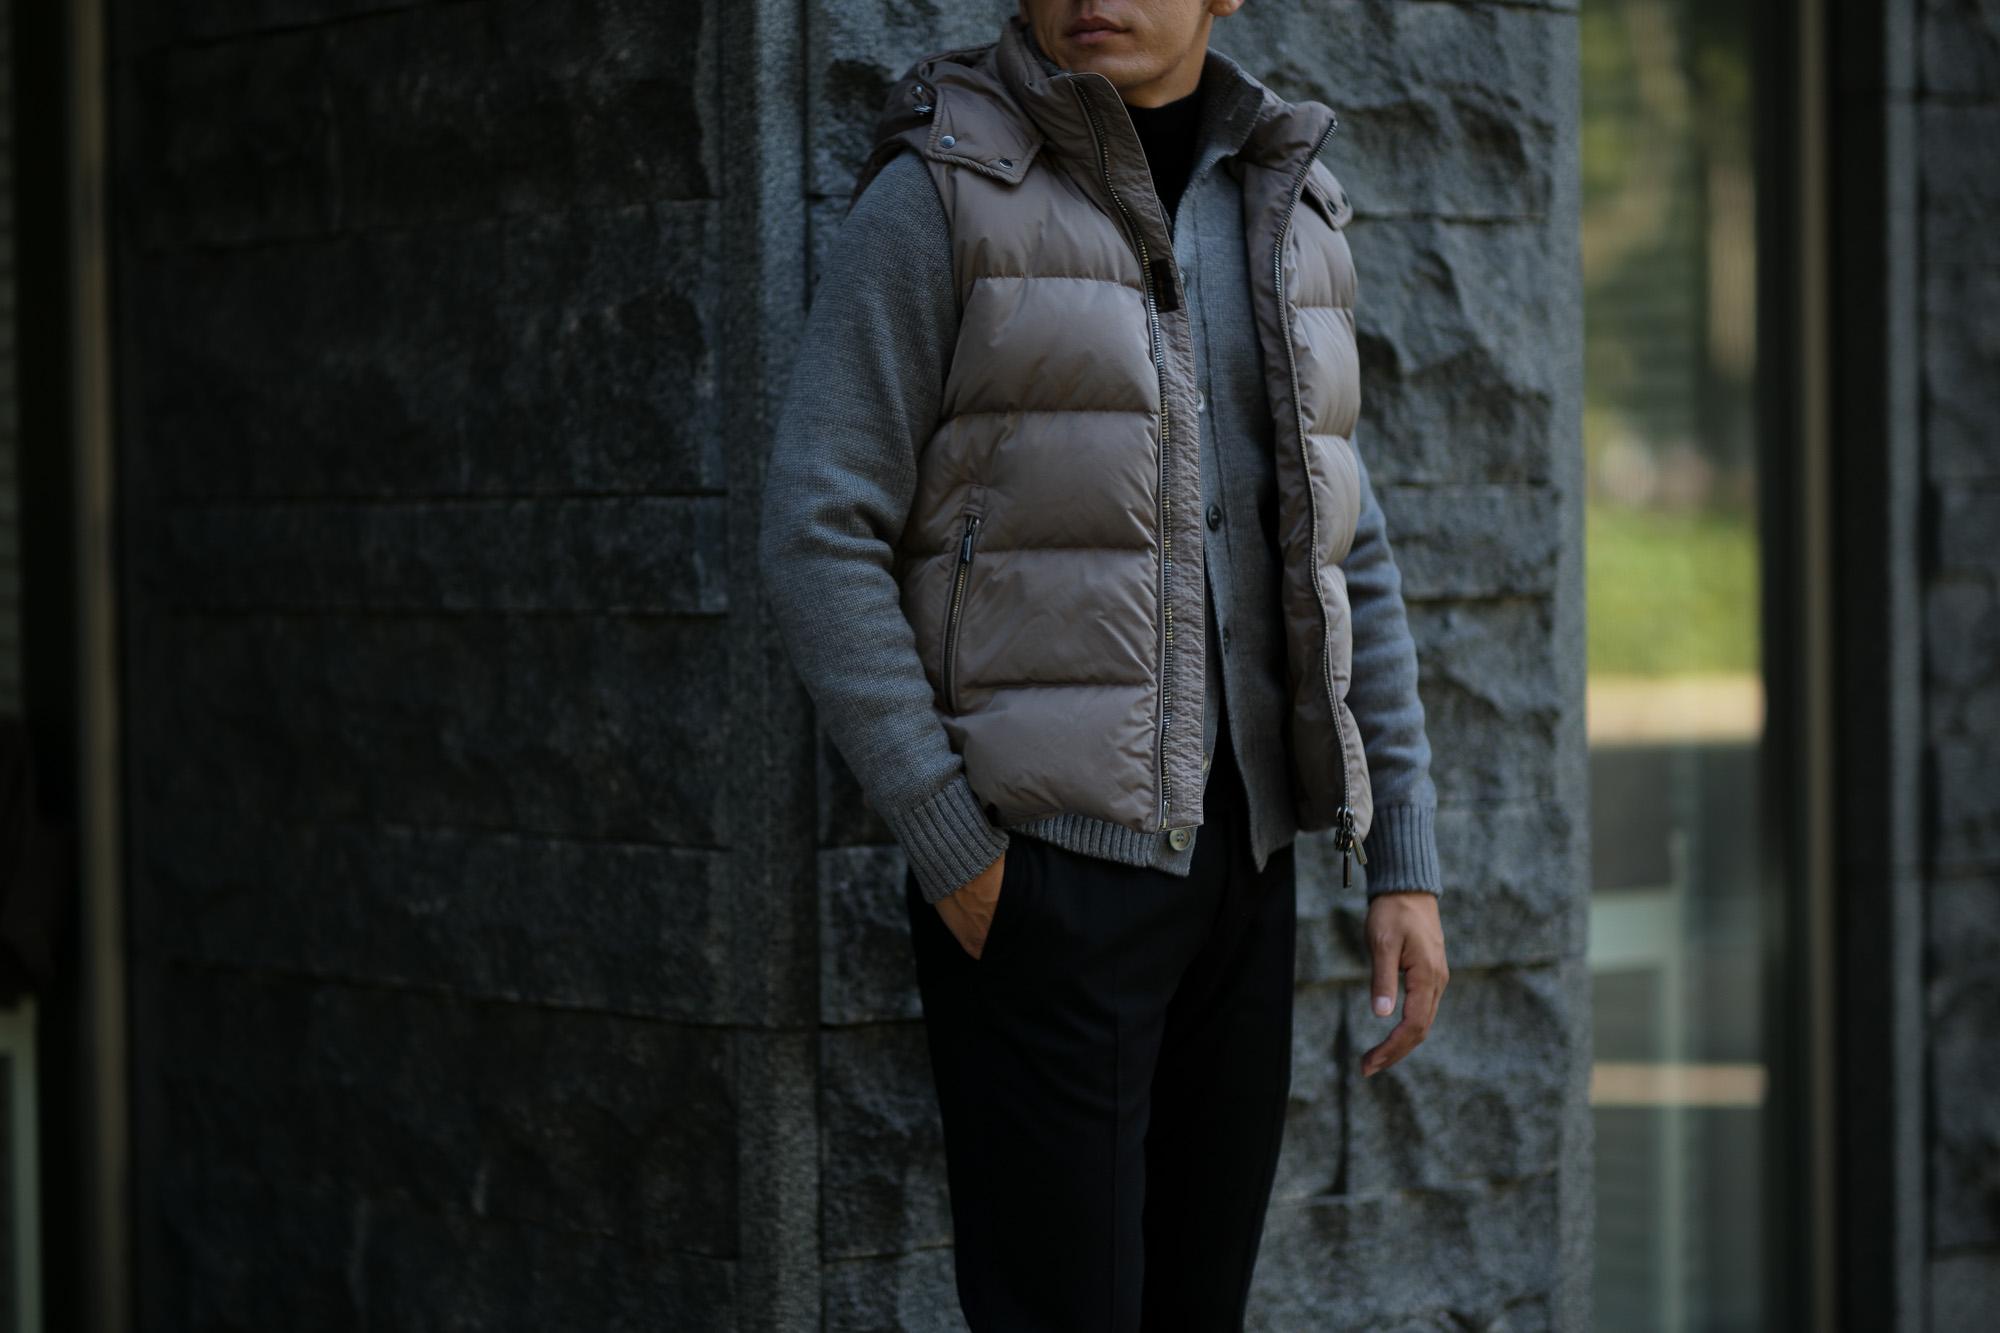 MOORER (ムーレー) FAYER-KM (フェイヤー) ナイロン ダウン ベスト VISONE (グレージュ) Made in italy (イタリア製) 2018 秋冬新作 愛知 名古屋 alto e dirtto アルトエデリット altoediritto 42,44,46,48,50,52,54